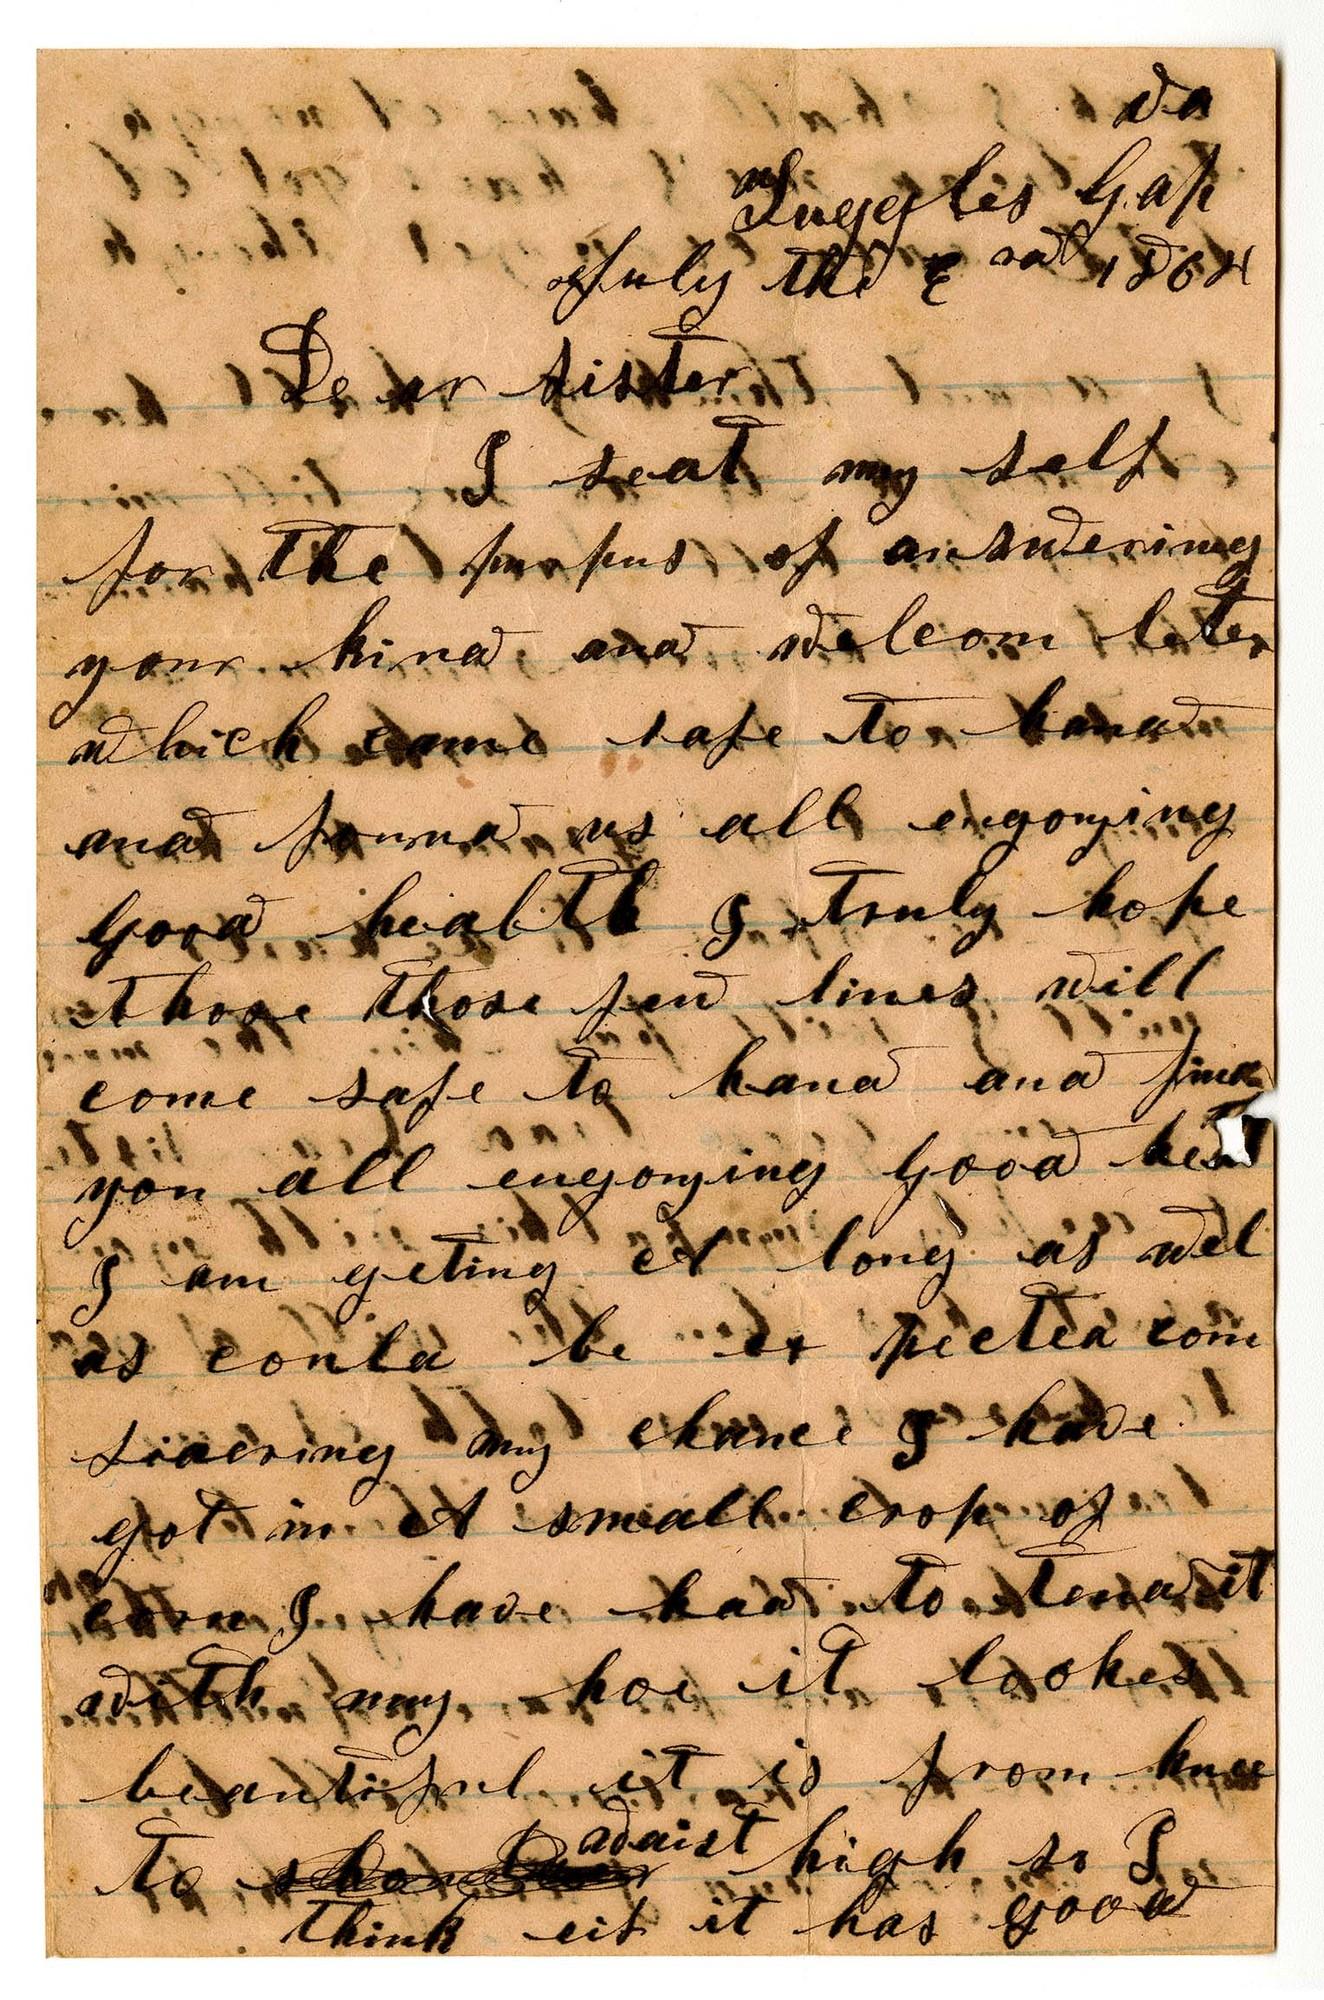 Ms1998_001_HuffHylton_Letter_1864_0708a.jpg